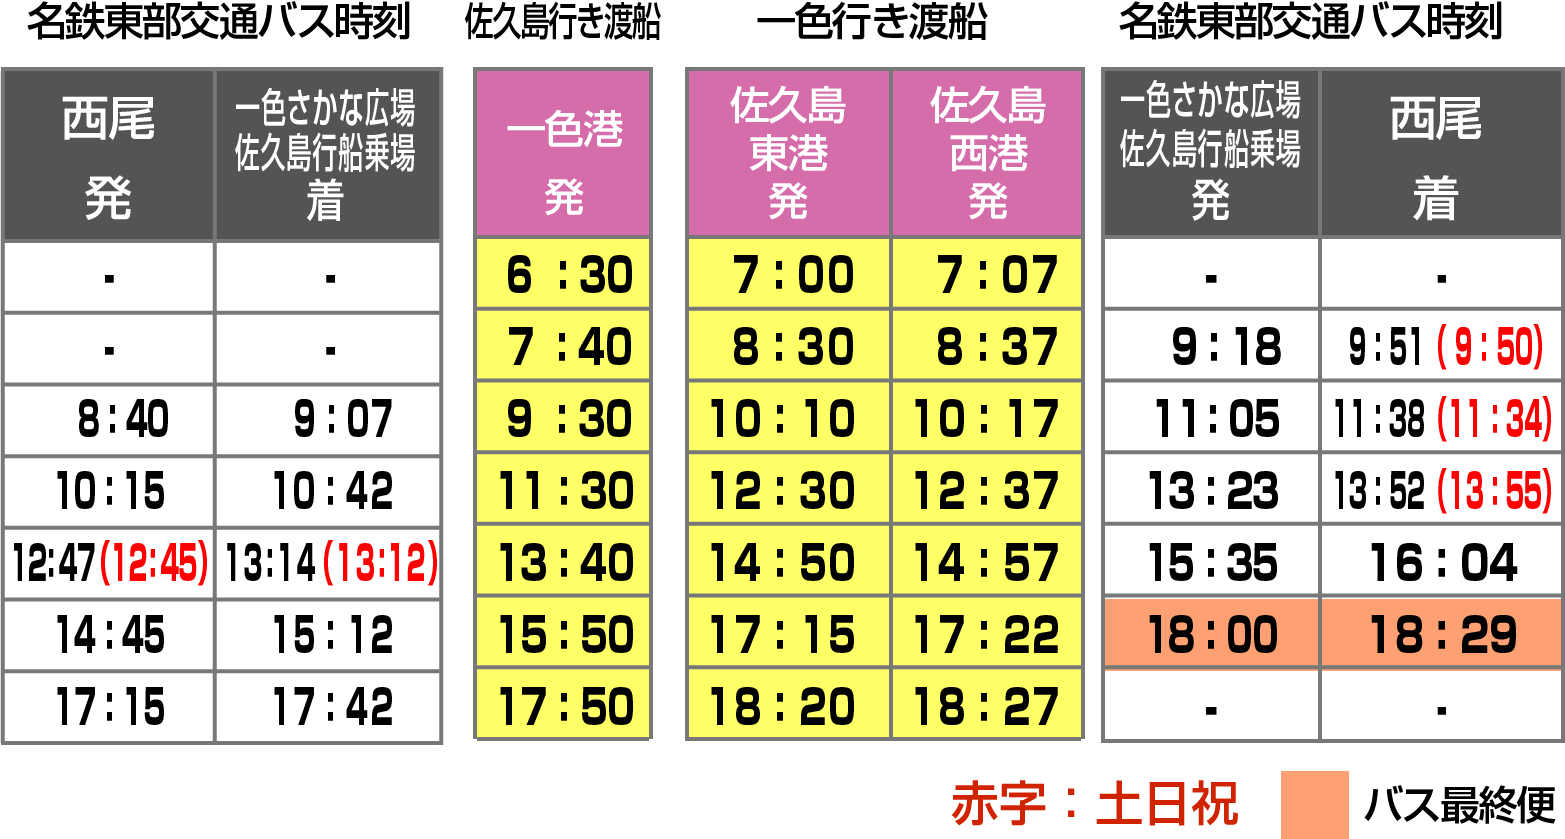 佐久島時刻表